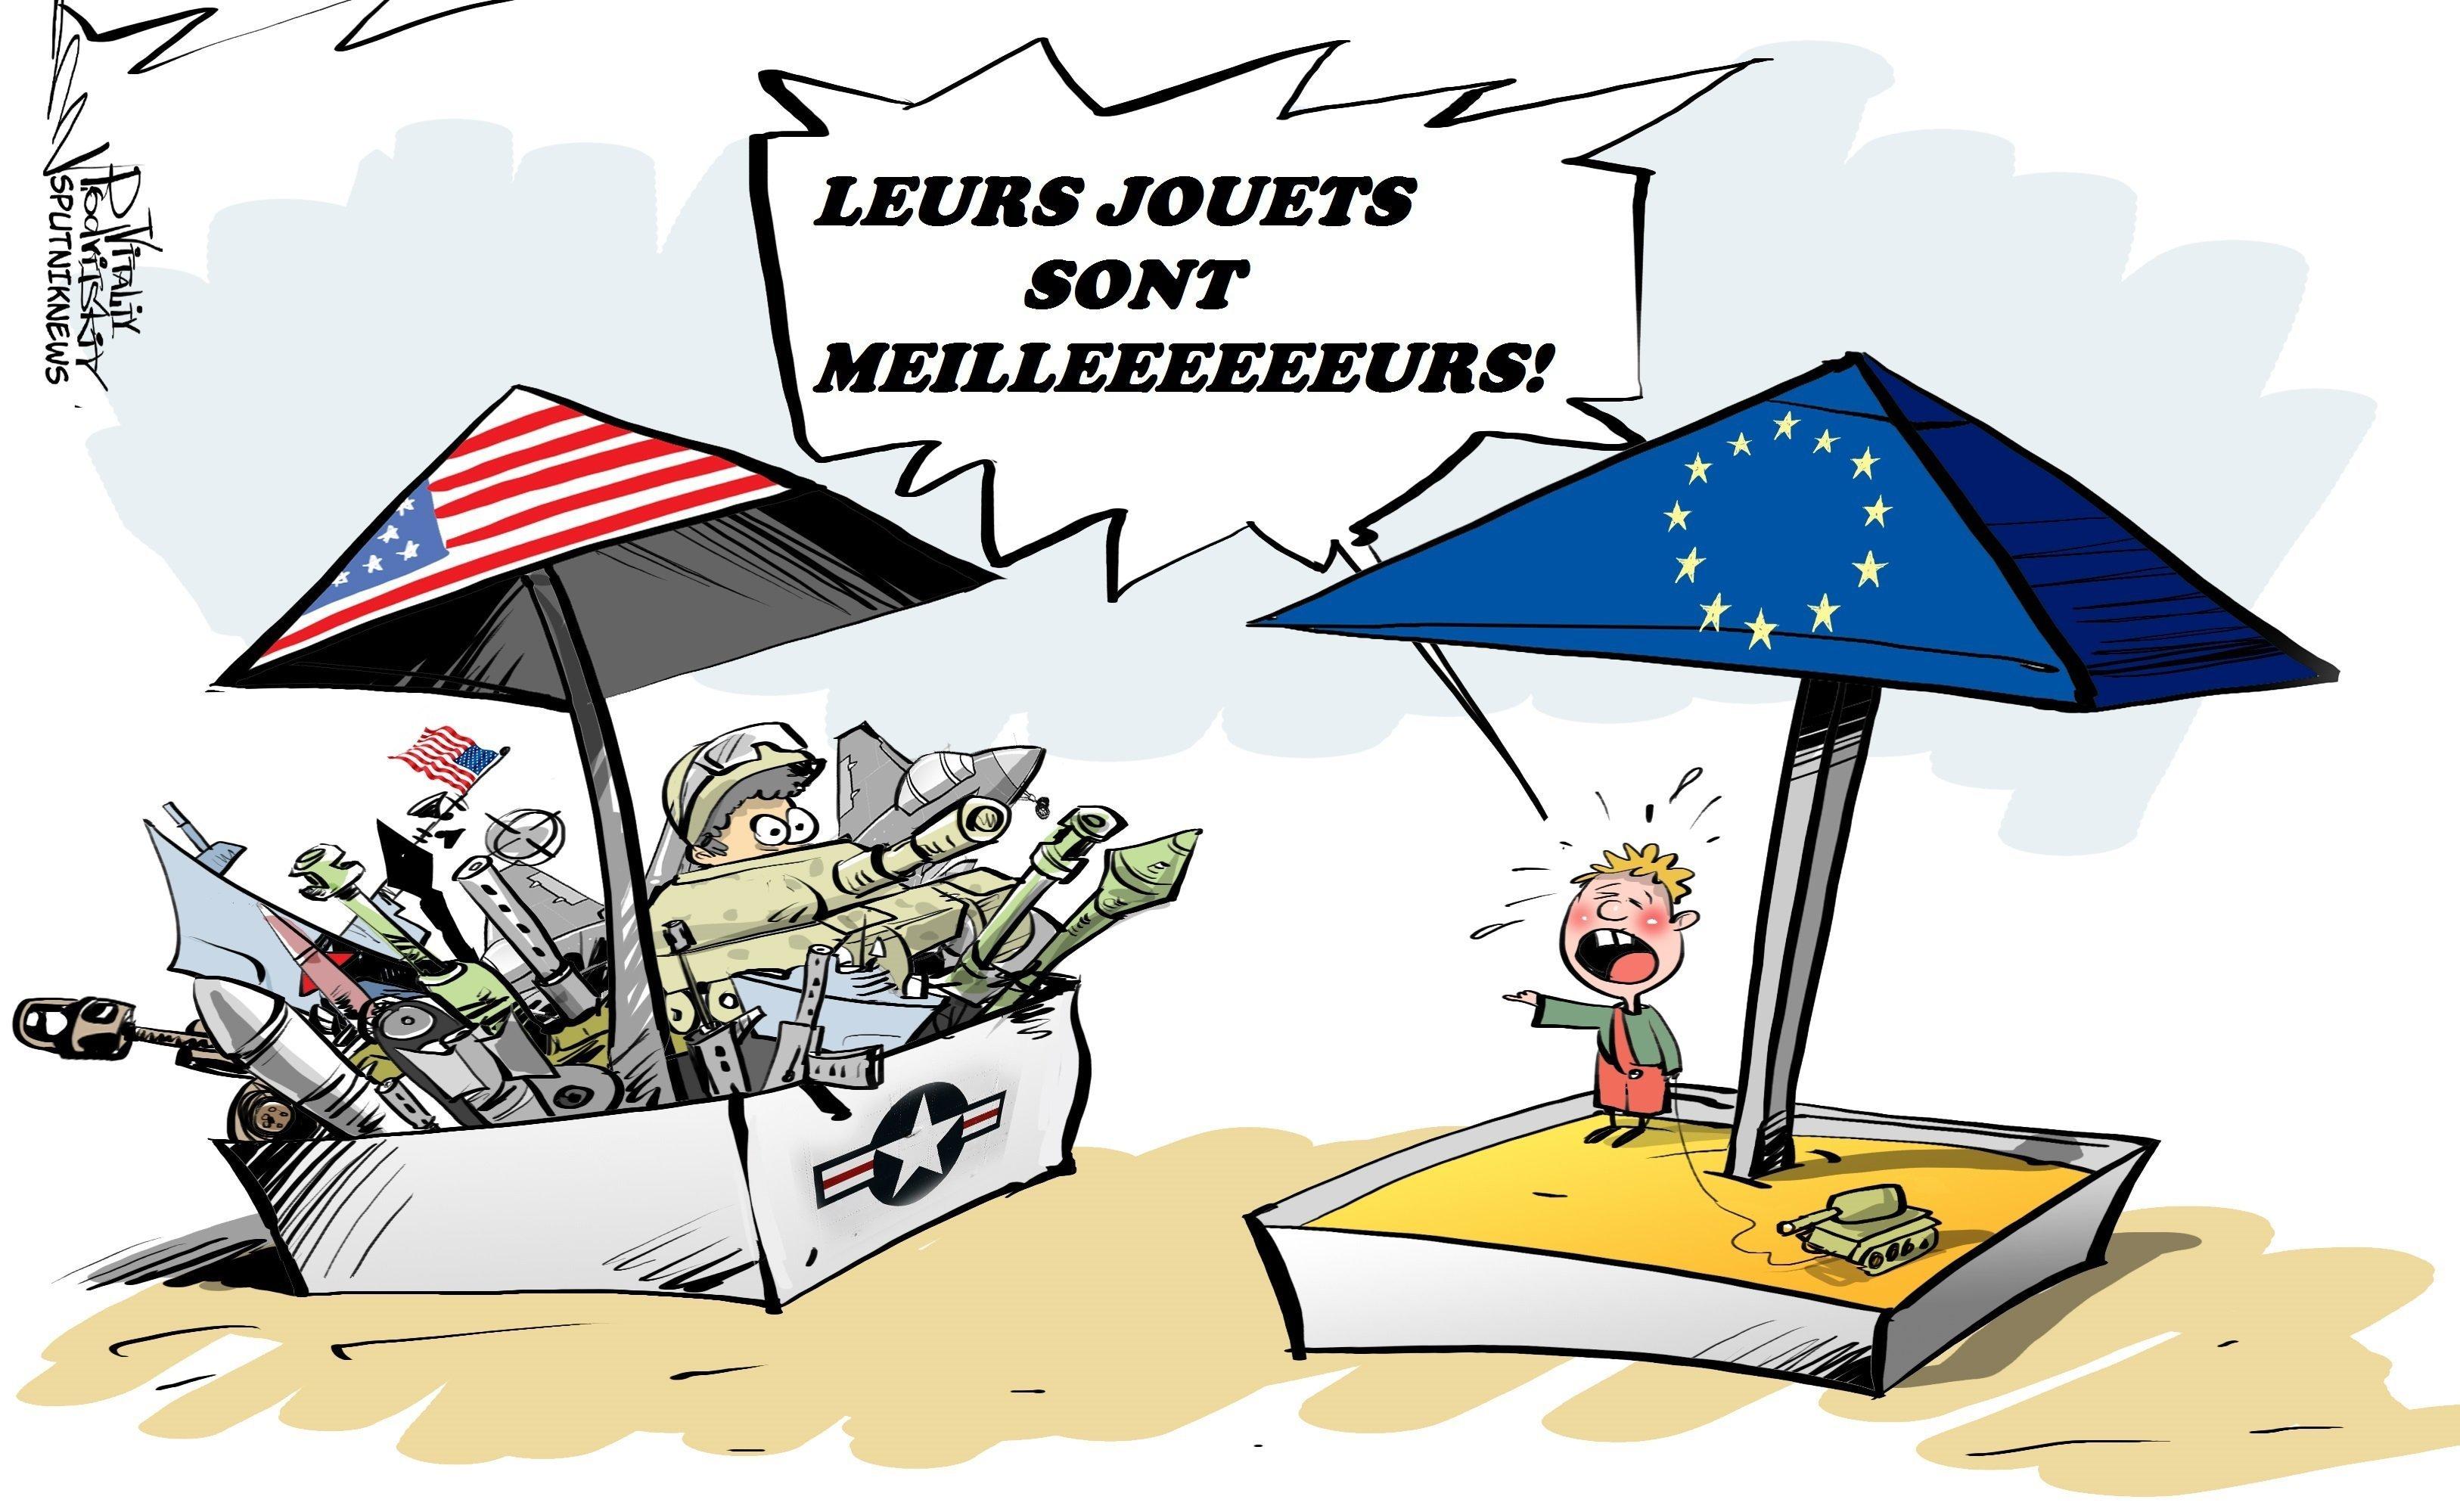 Quels intérêts l'armée européenne servira-t-elle?